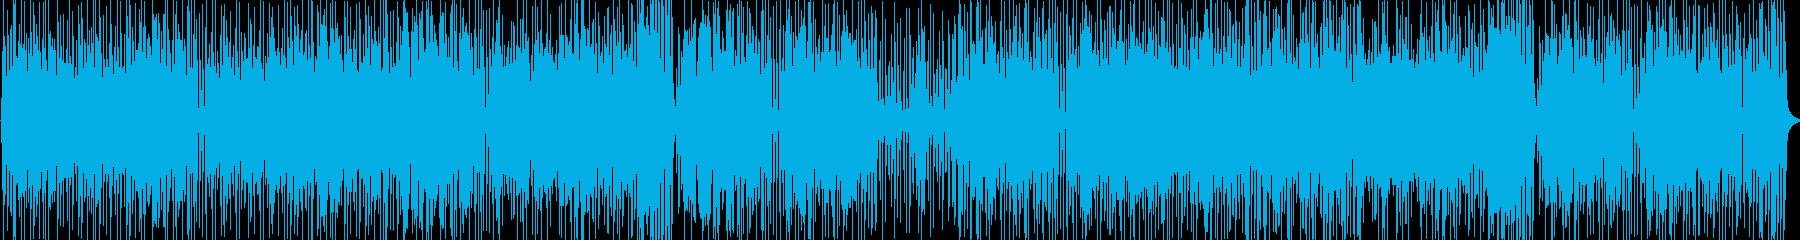 ハモンドオルガンメインのジャズファンクの再生済みの波形